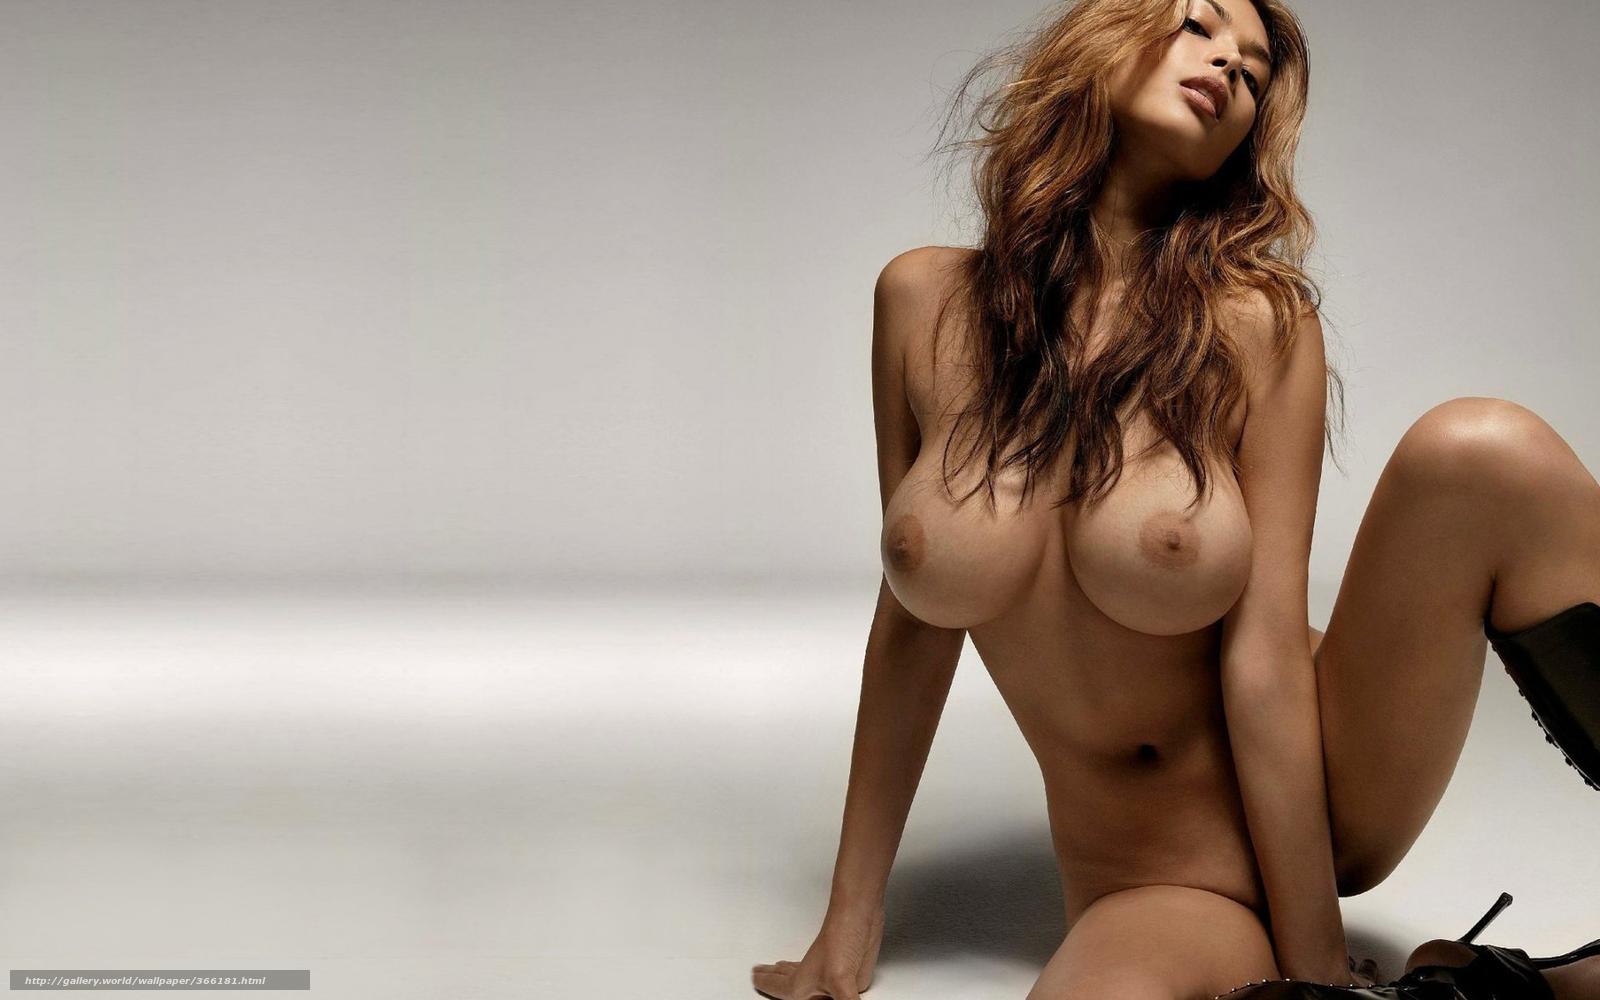 Фото женской груди смотреть онлайн бесплатно 9 фотография